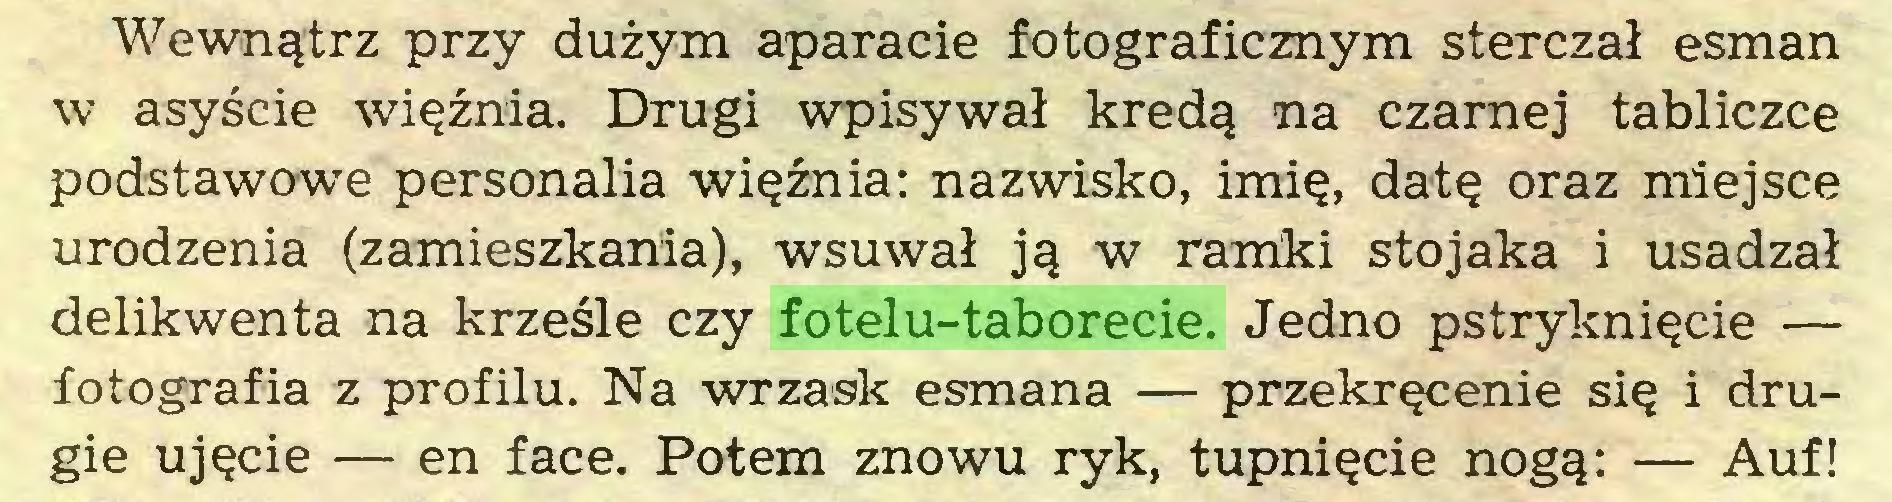 (...) Wewnątrz przy dużym aparacie fotograficznym sterczał esman w asyście więźnia. Drugi wpisywał kredą na czarnej tabliczce podstawowe personalia więźnia: nazwisko, imię, datę oraz miejsce urodzenia (zamieszkania), wsuwał ją w ramki stojaka i usadzał delikwenta na krześle czy fotelu-taborecie. Jedno pstryknięcie — iotografia z profilu. Na wrzask esmana — przekręcenie się i drugie ujęcie — en face. Potem znowu ryk, tupnięcie nogą: — Auf!...